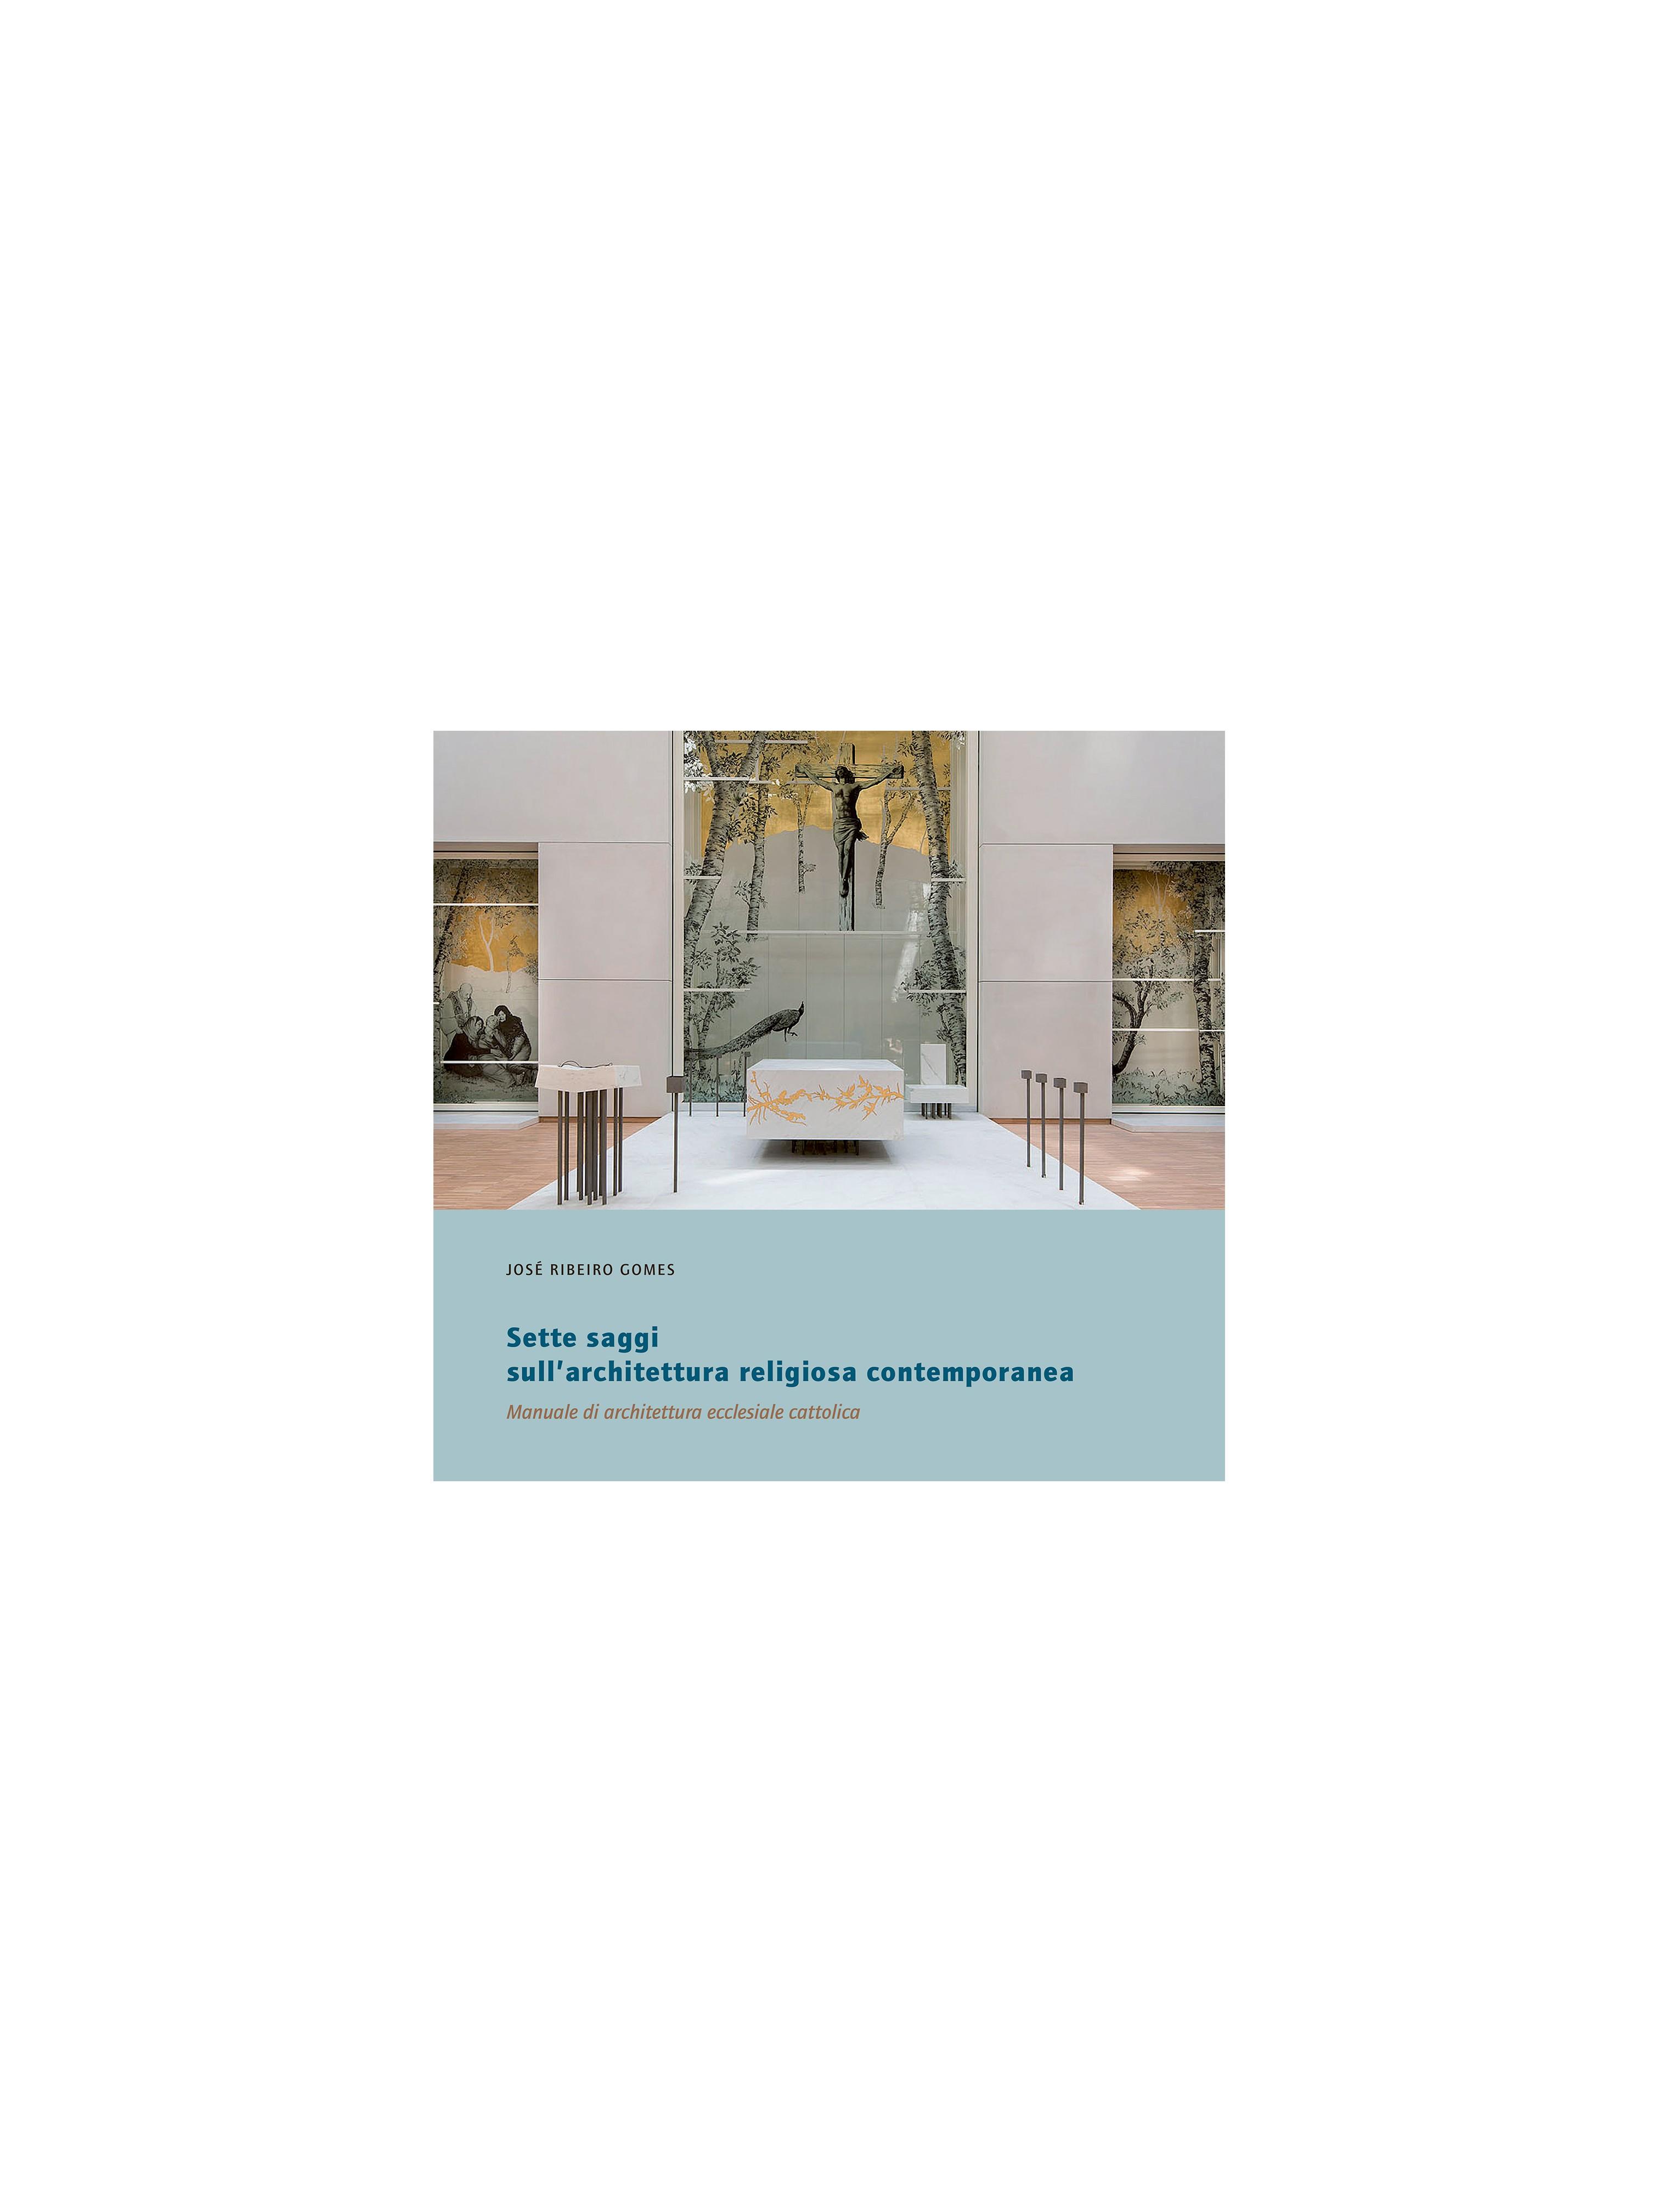 Manuale di architettura ecclesiale cattolica